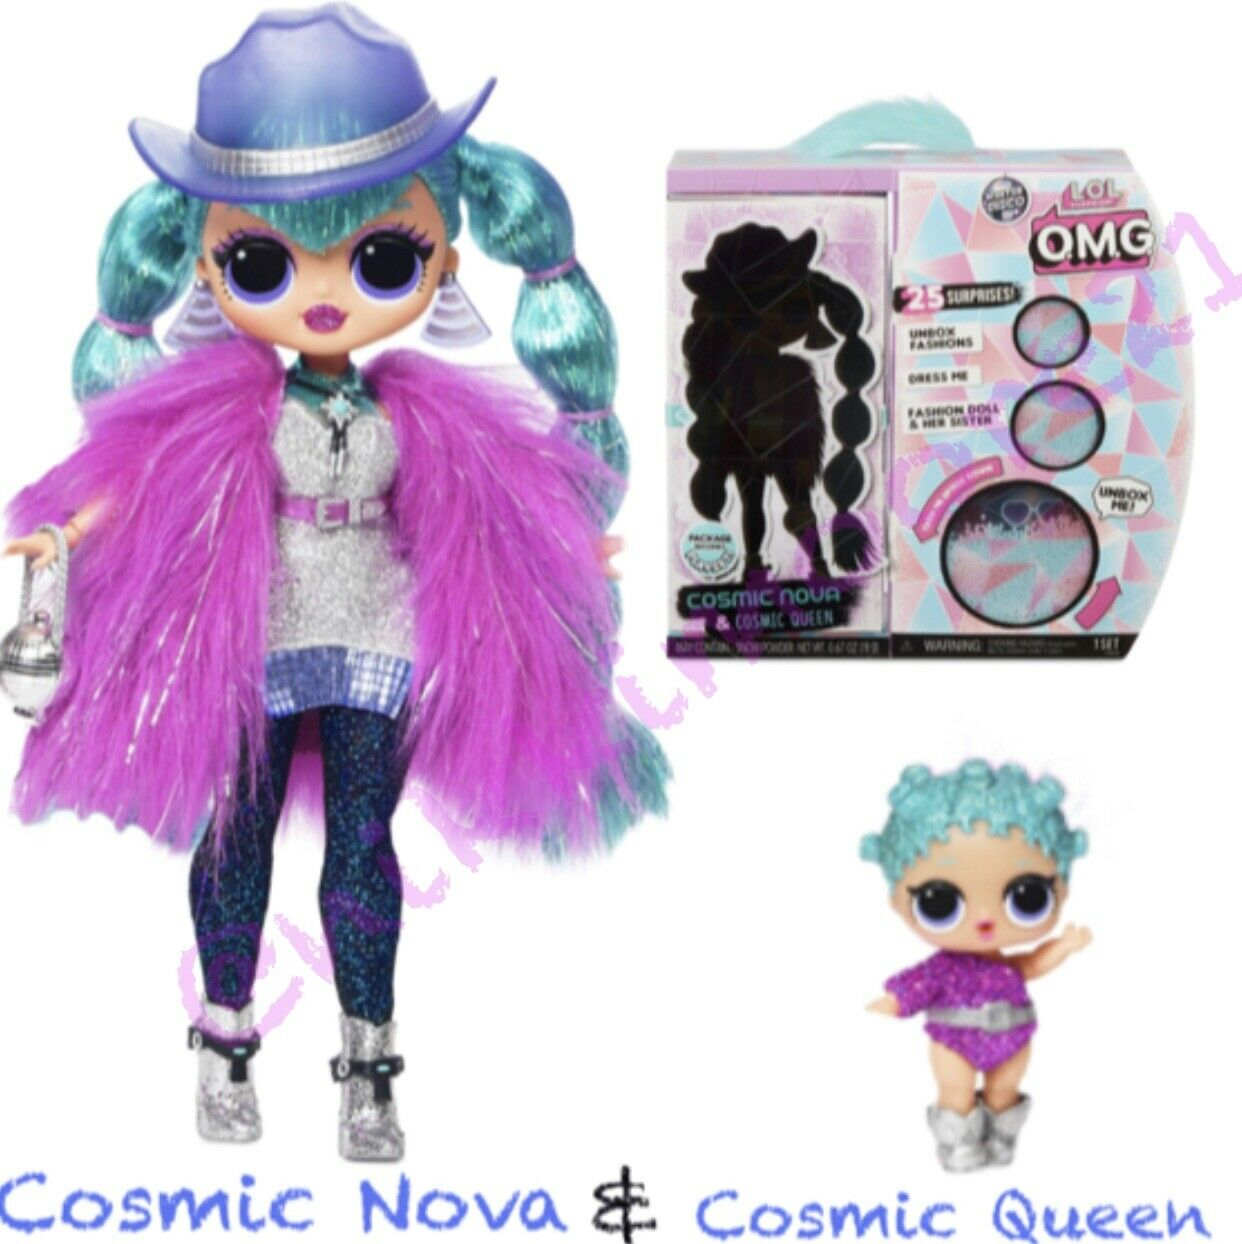 Lol Überraschung Omg Winter Disco Cosmic Nova Groß Puppe + Queen Sister in Hand